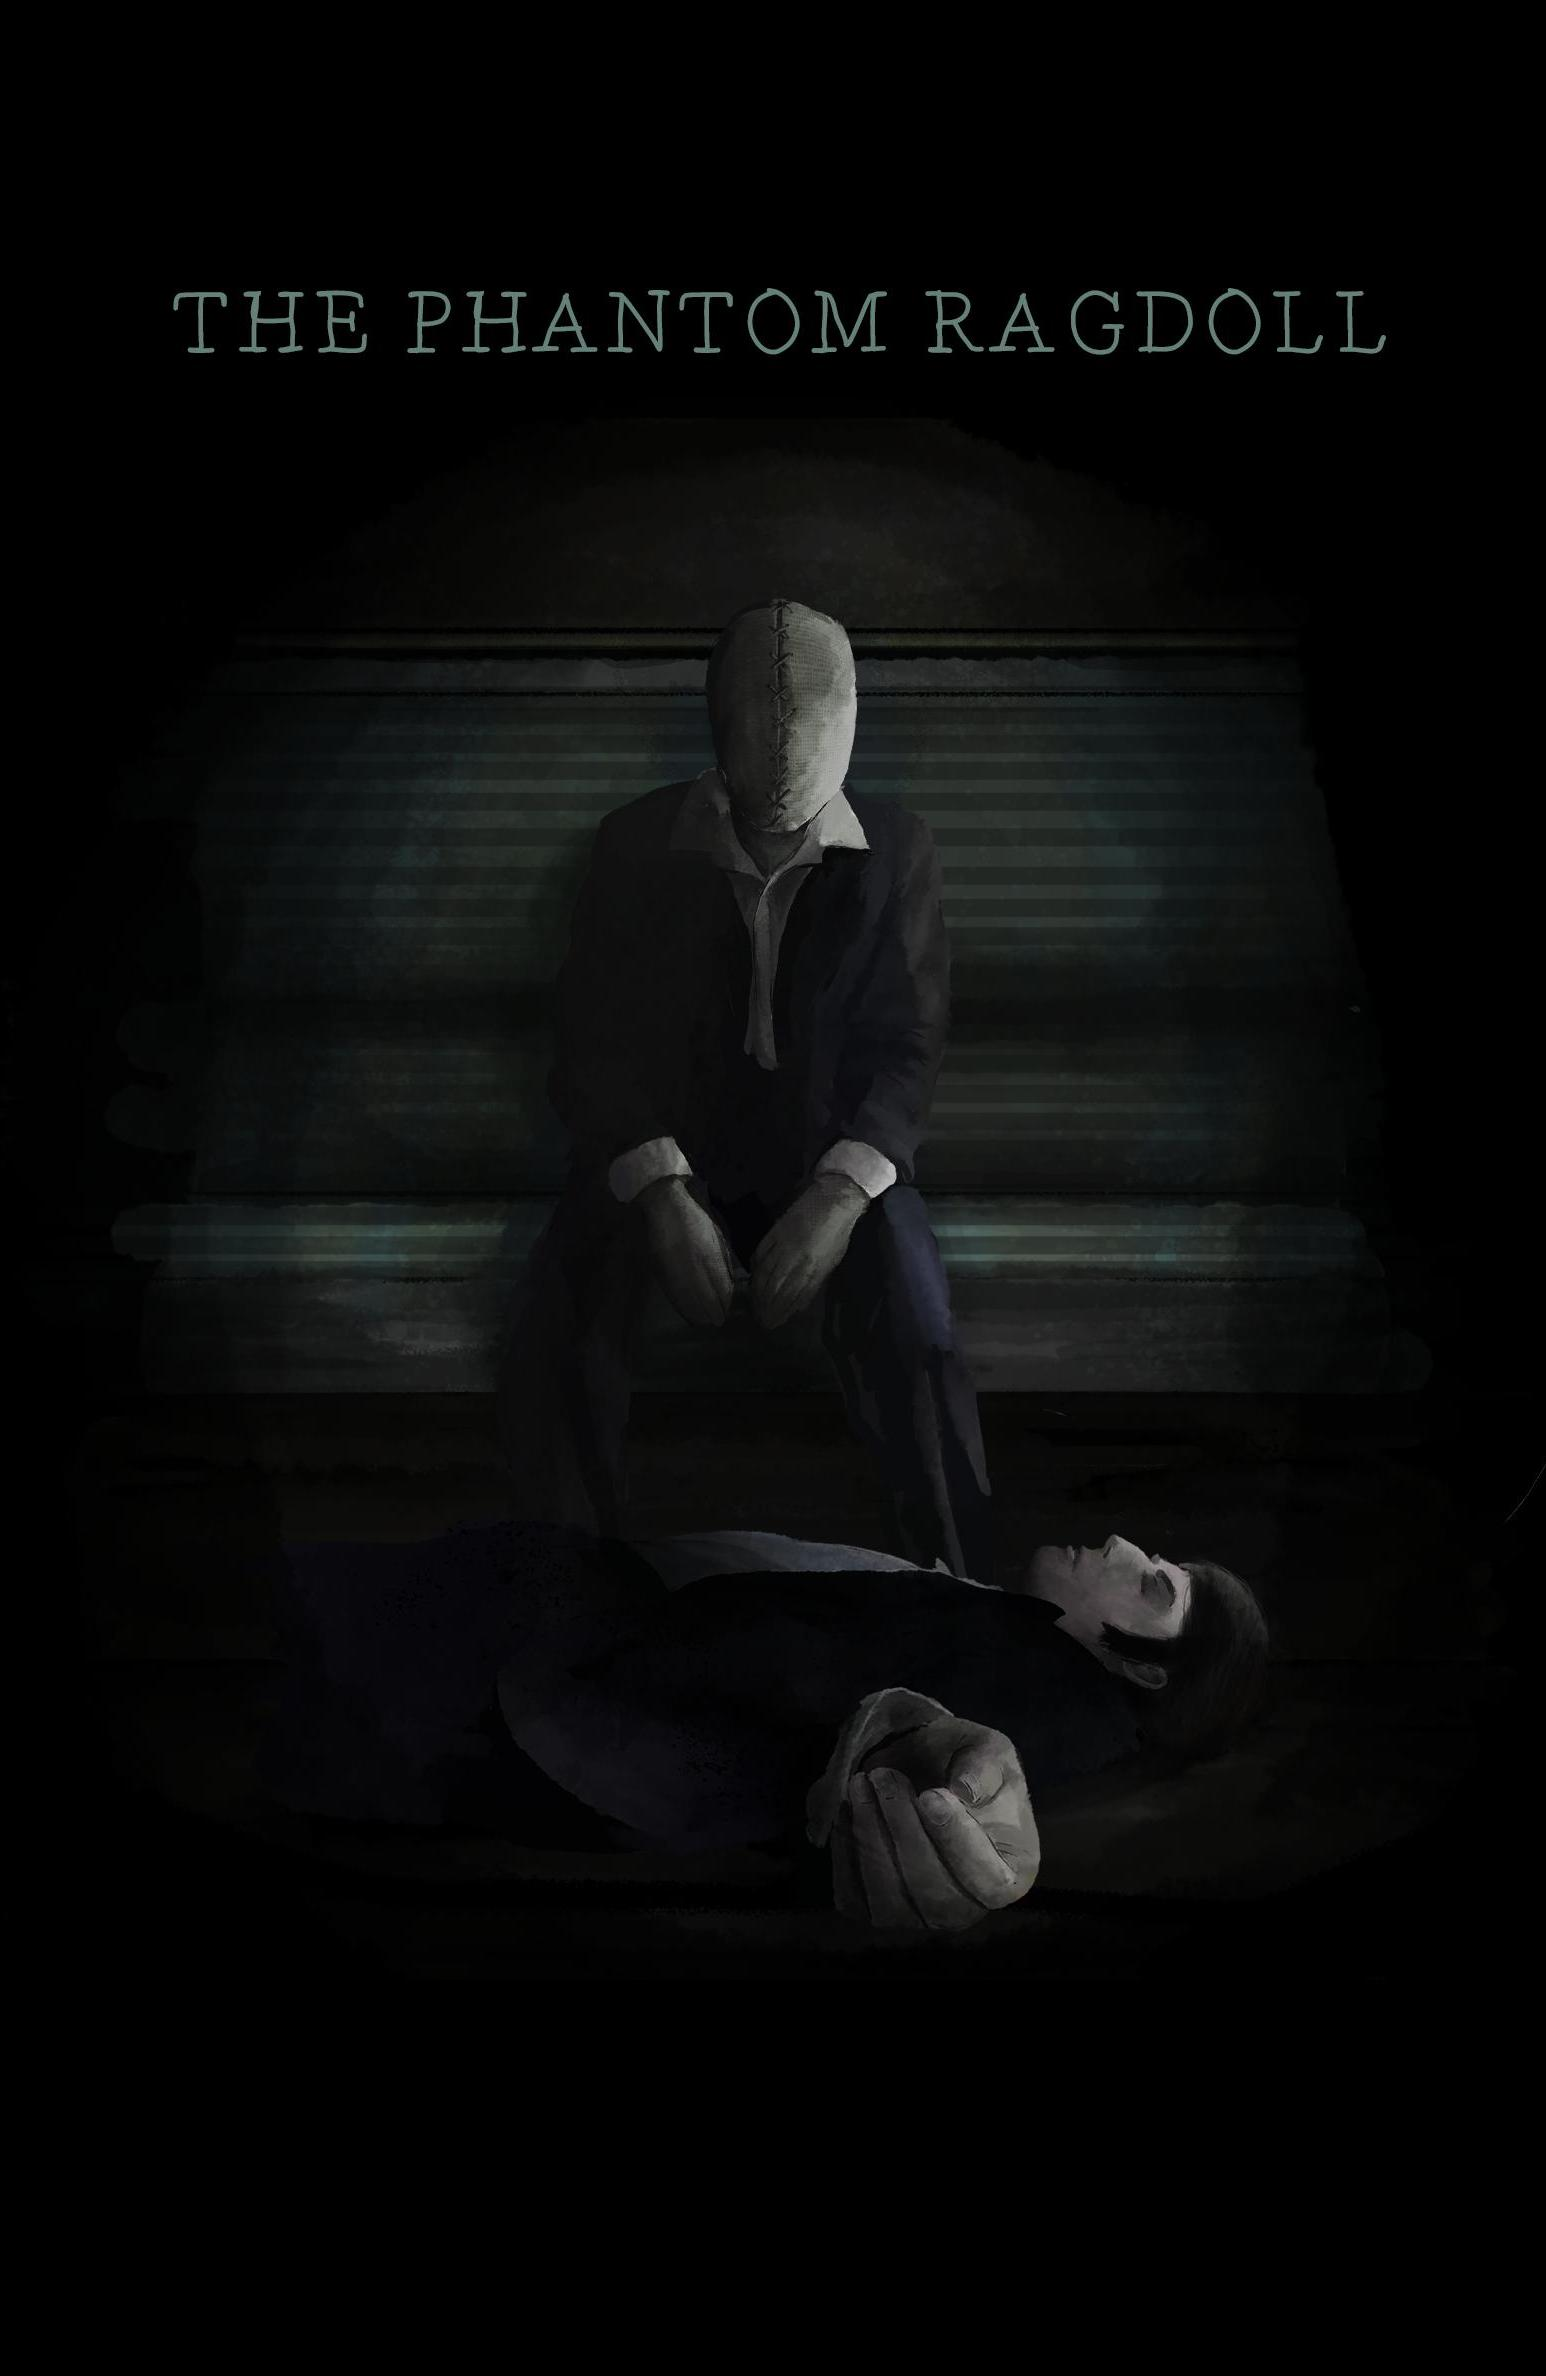 Phantom Ragdoll, The cover